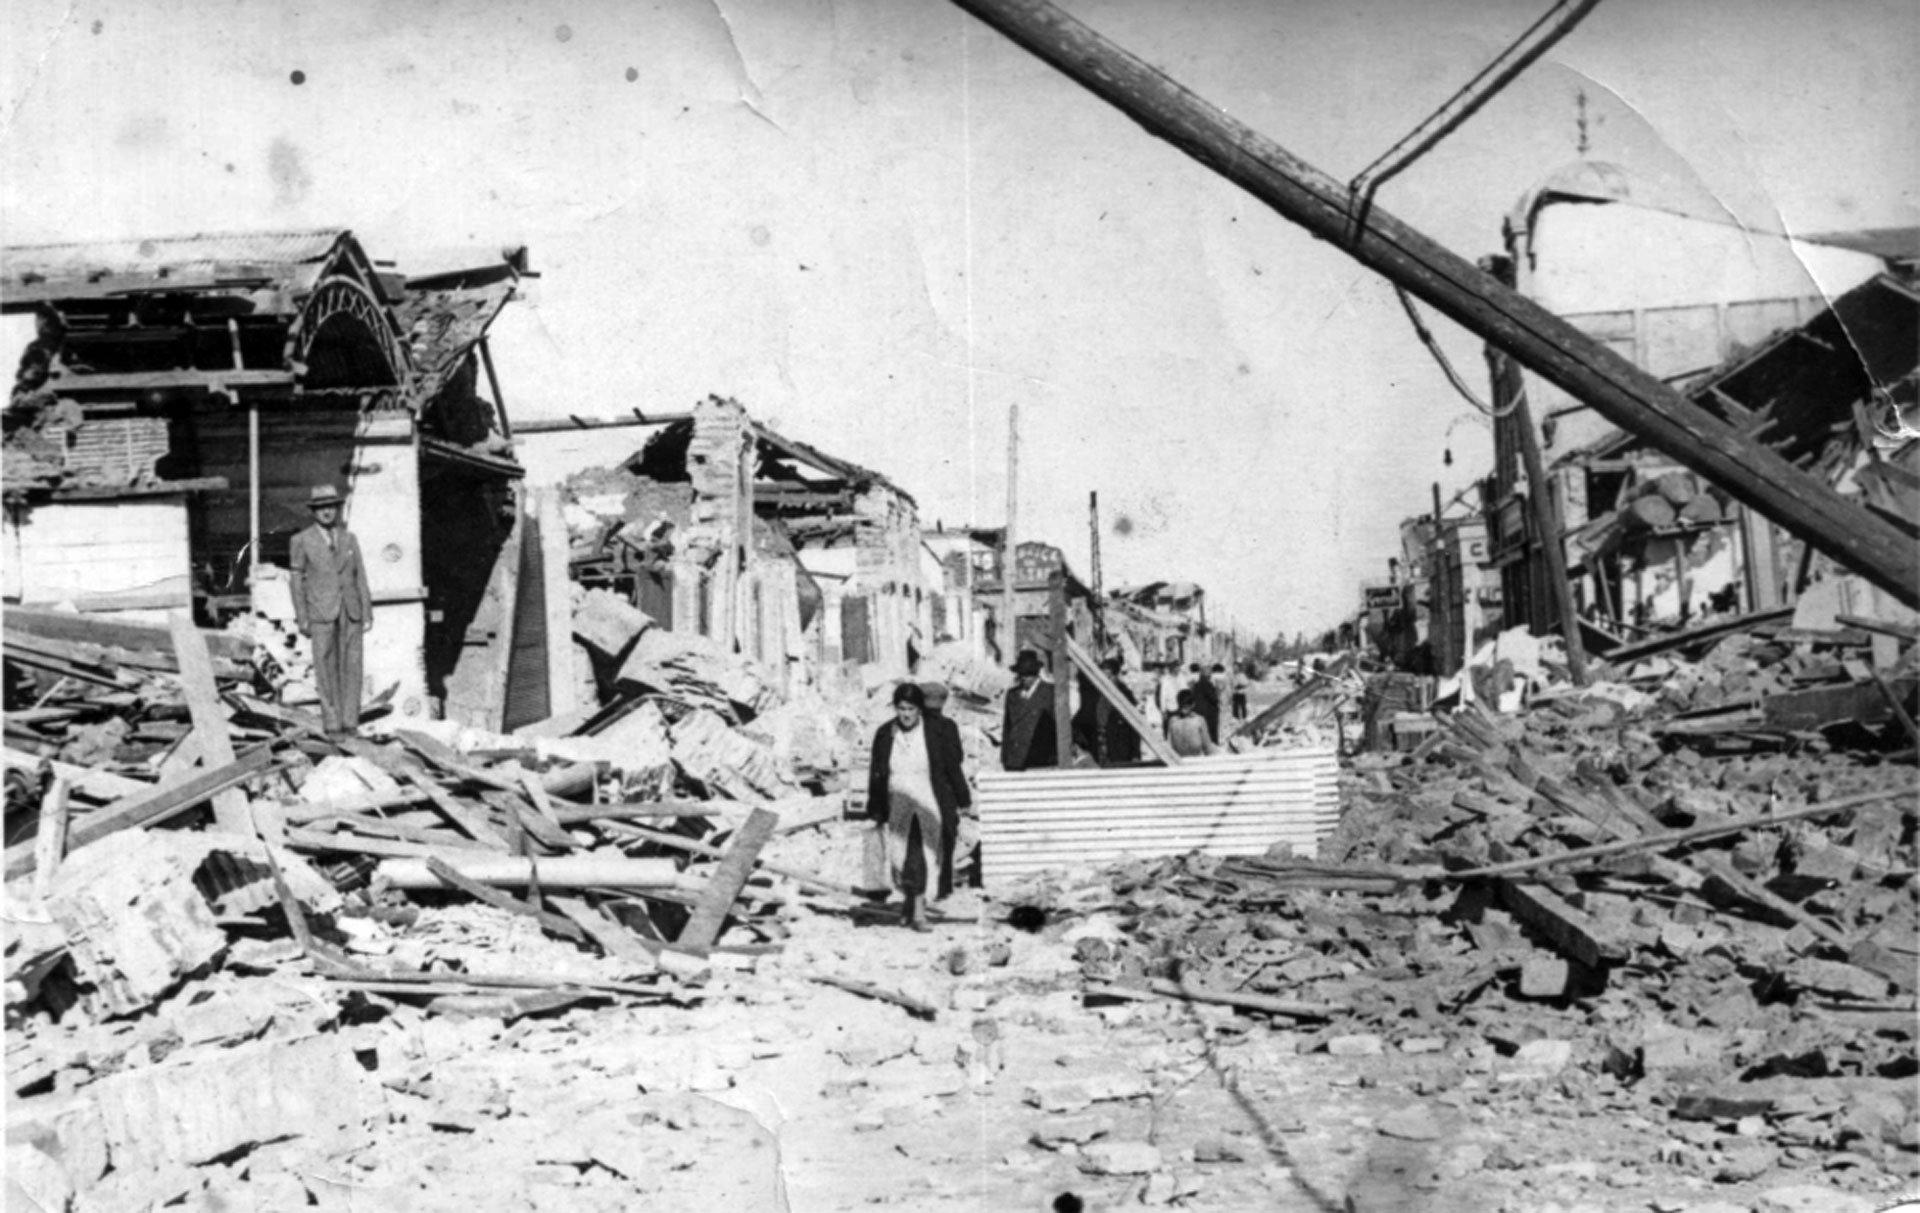 Chillán, Chile. 25 de enero de 1939.El terremoto (7,8 en la escala de Richter)se sintió desde Arica a Puerto Aysen, a lo largo de todo Chile, pero fue especialmente devastador en la zona de Cauquenes y Chillán. Murieron 28 mil personas